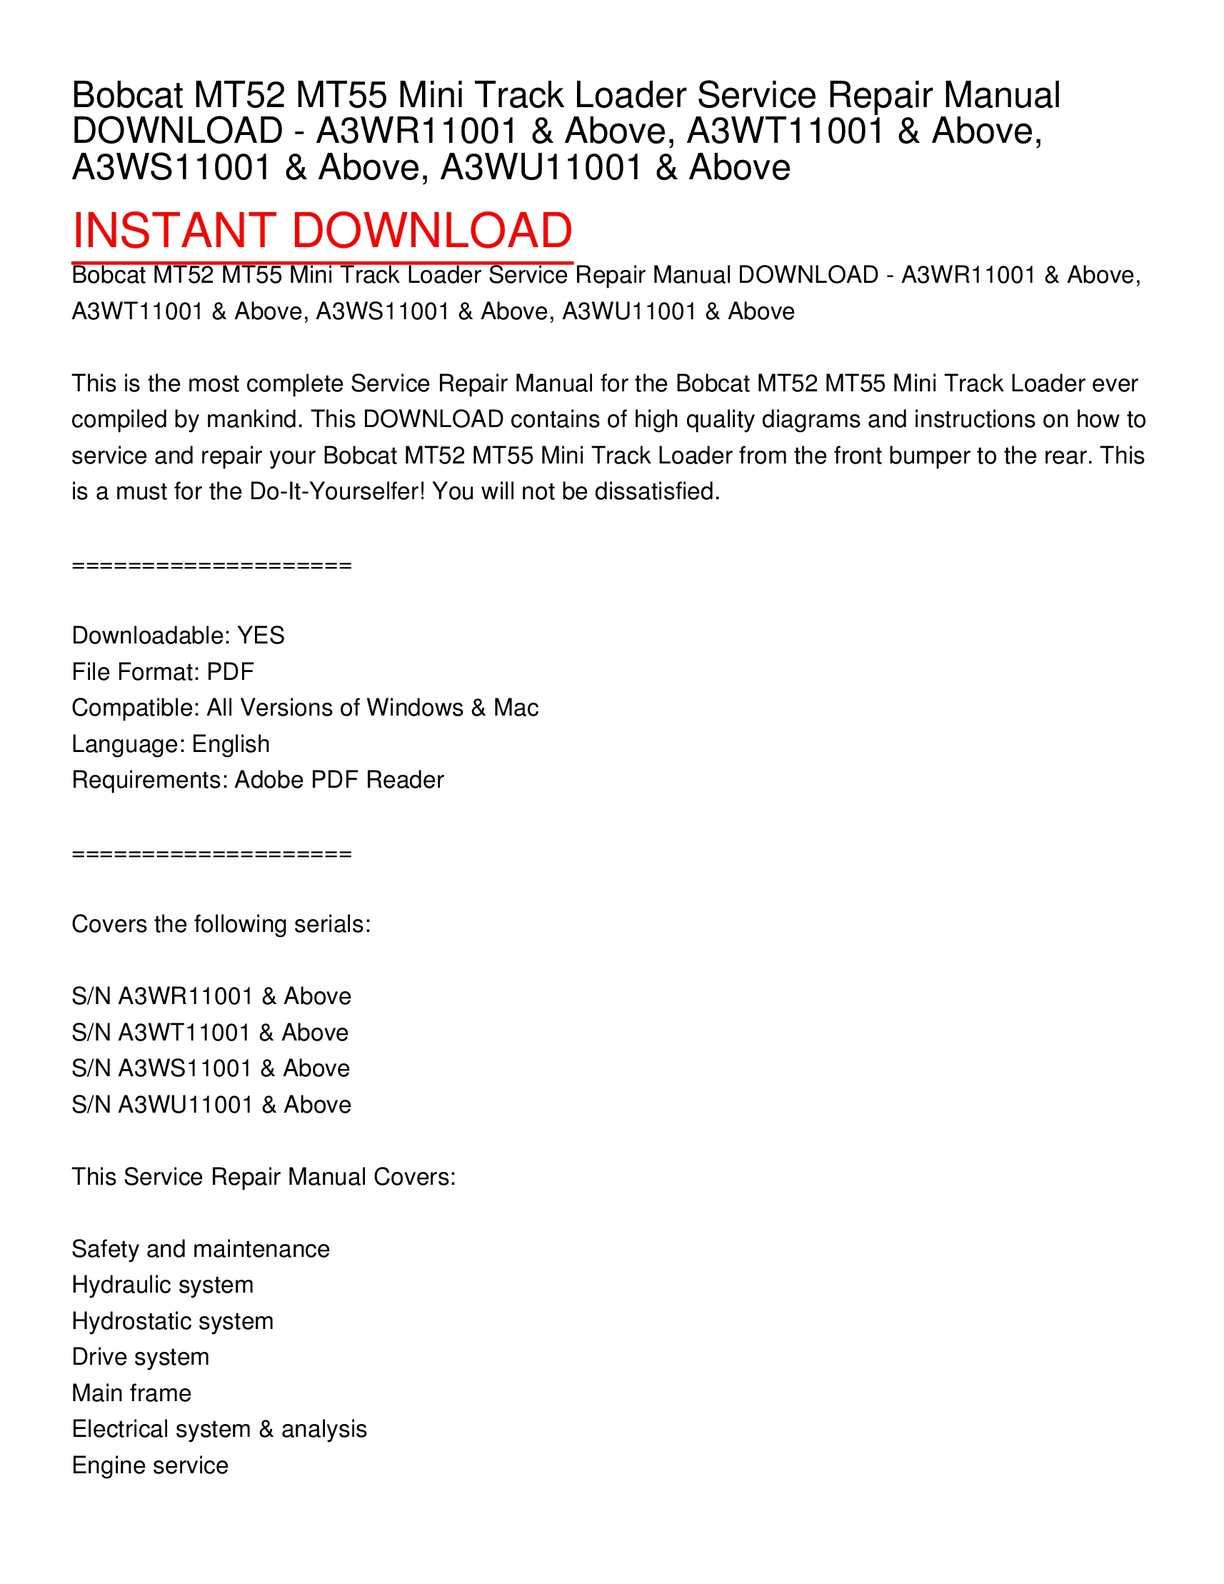 hight resolution of calam o bobcat mt52 mt55 mini track loader service repair manual download a3wr11001 above a3wt11001 above a3ws11001 above a3wu11001 above